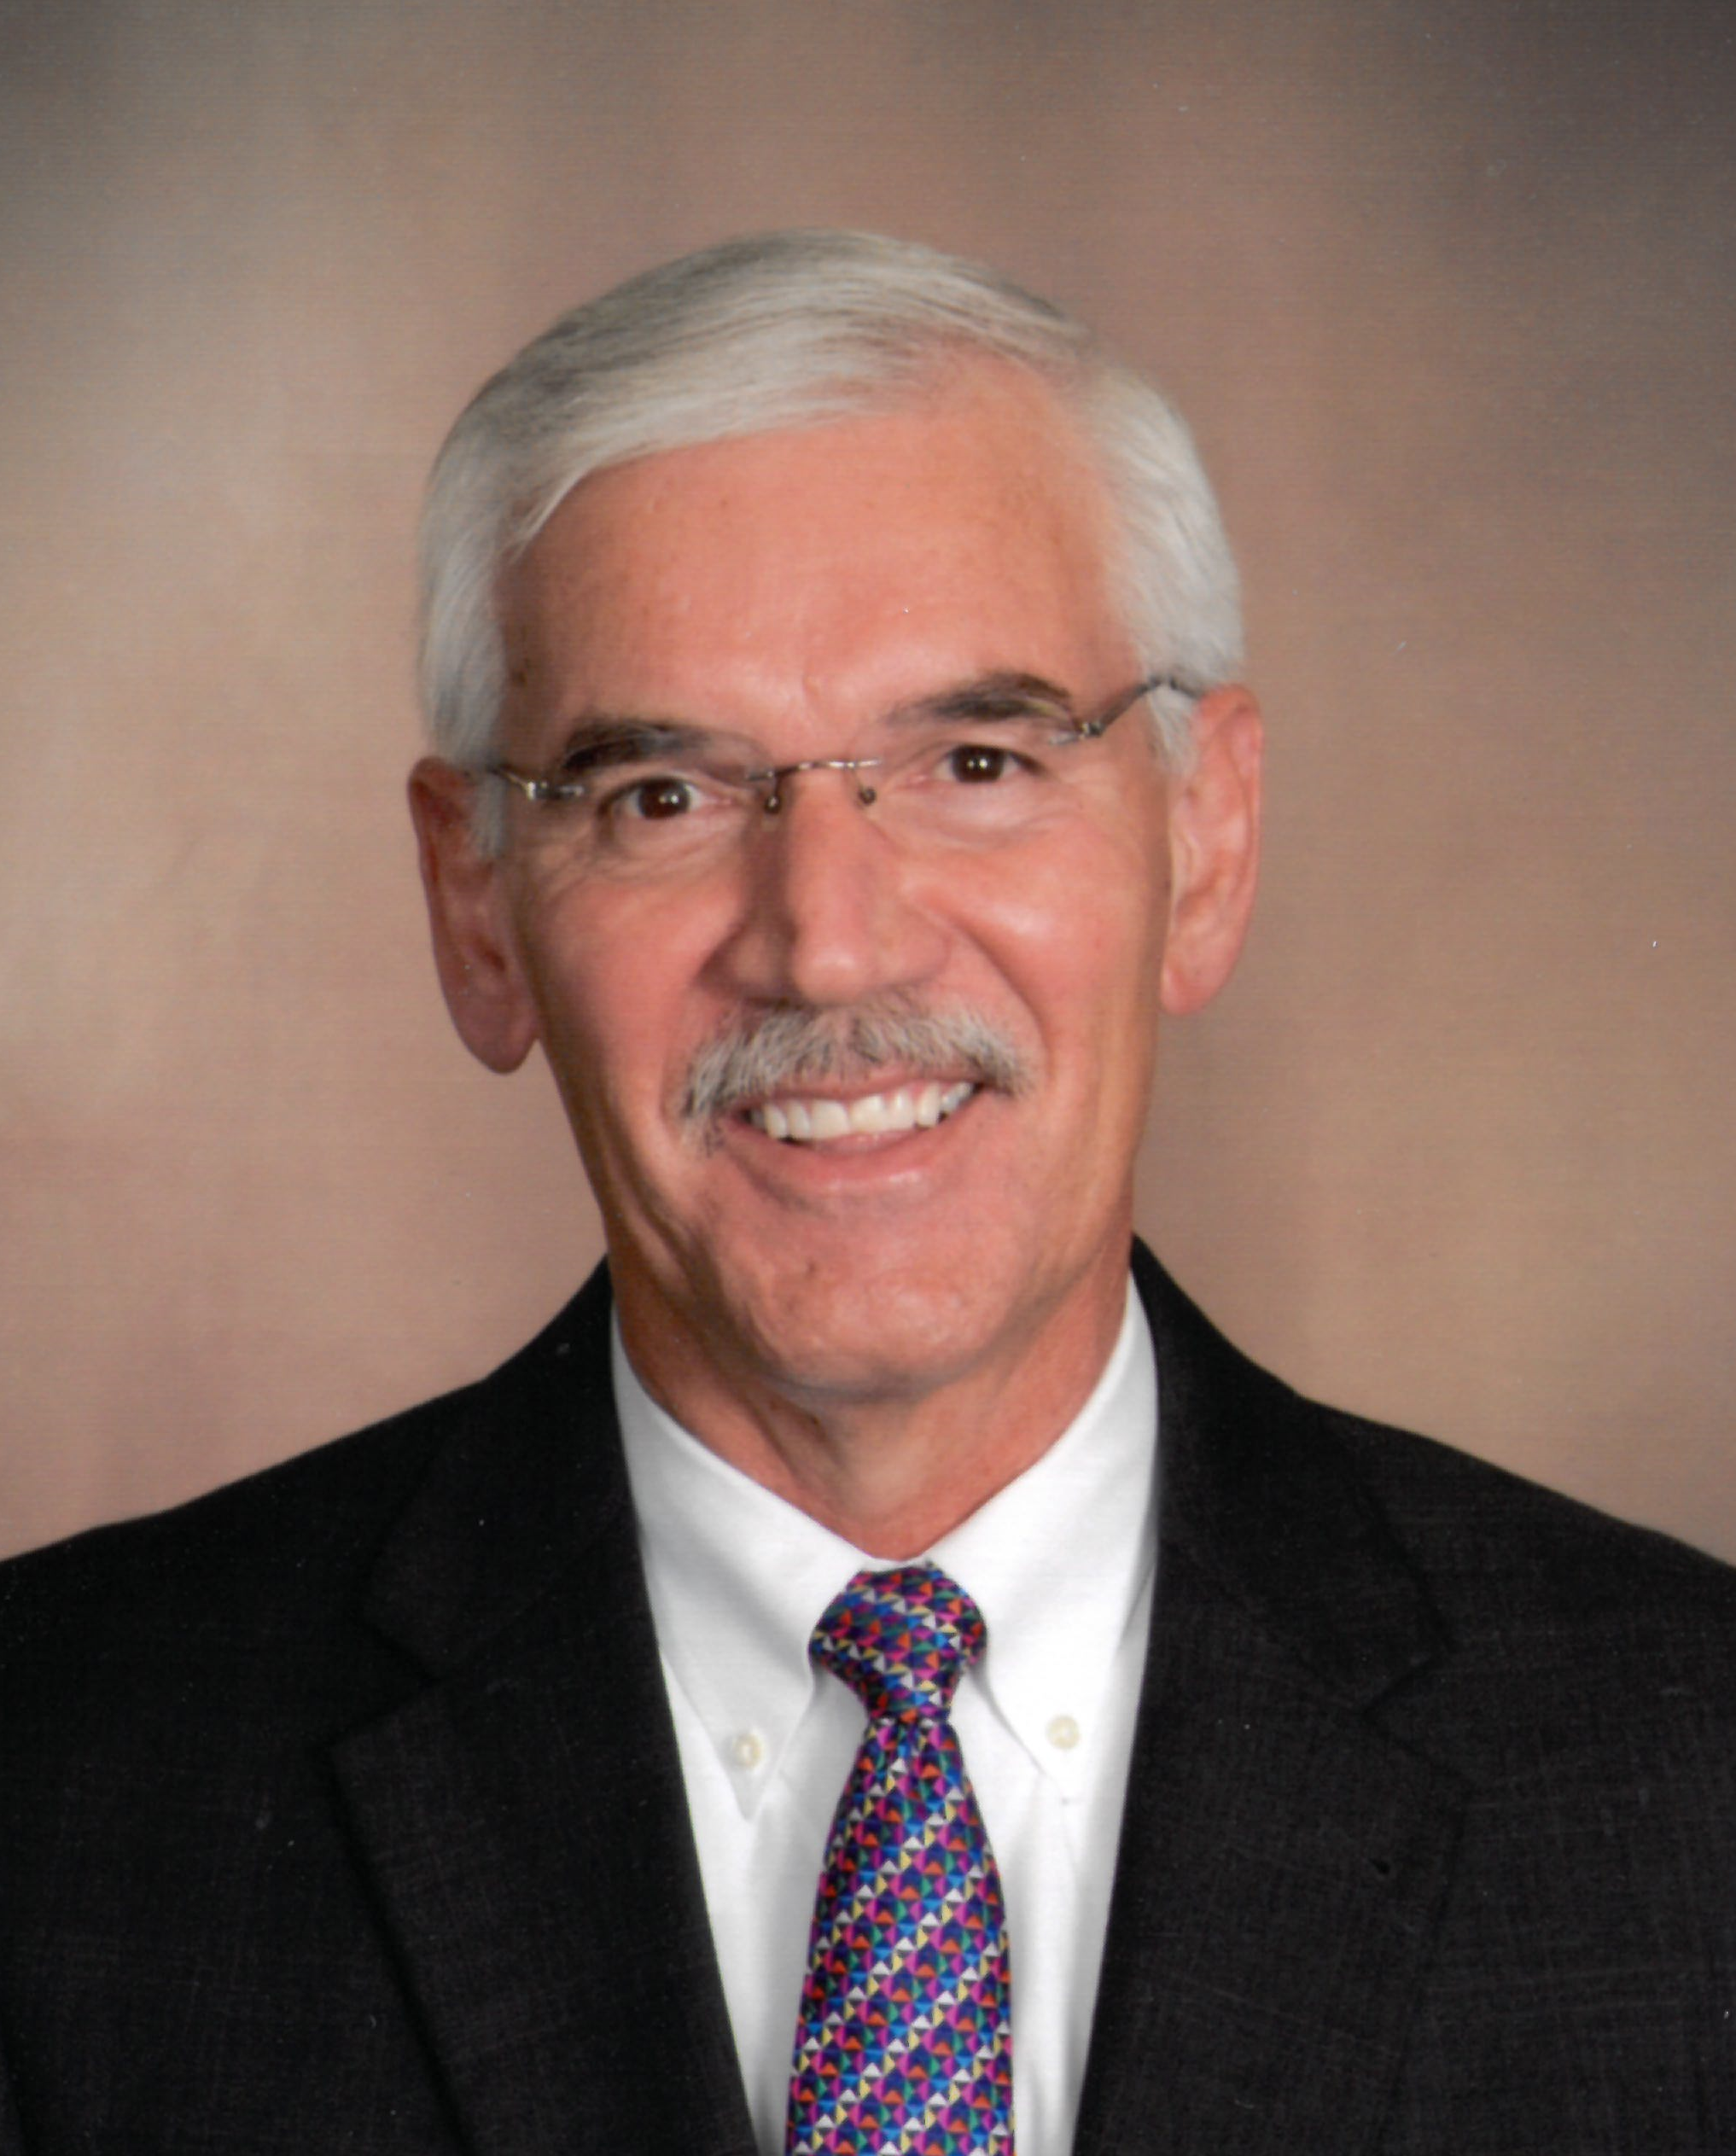 Dennis M. Goodwin